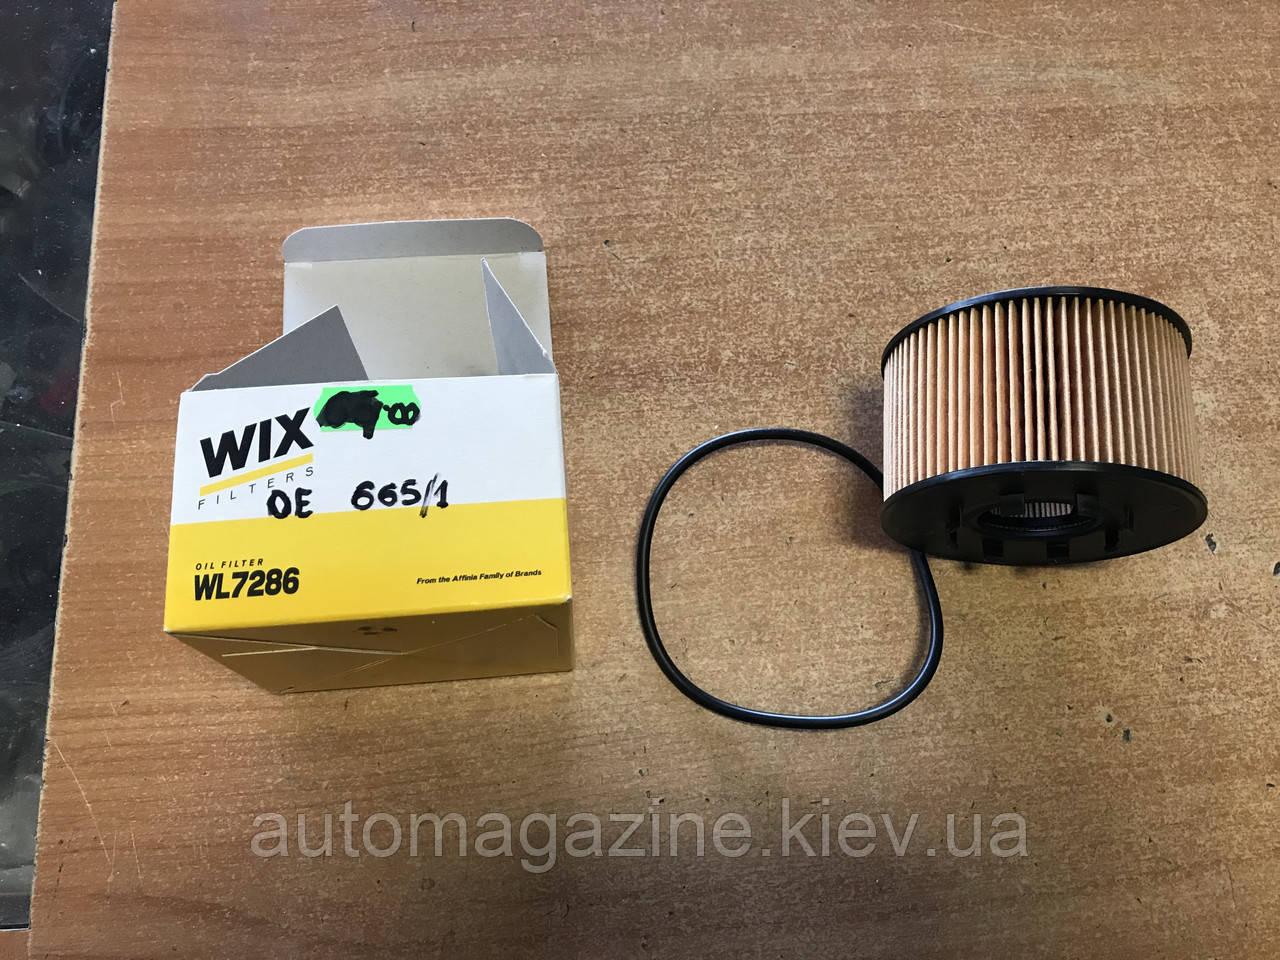 Фильтр масляный WL 7286 (OE665/1)